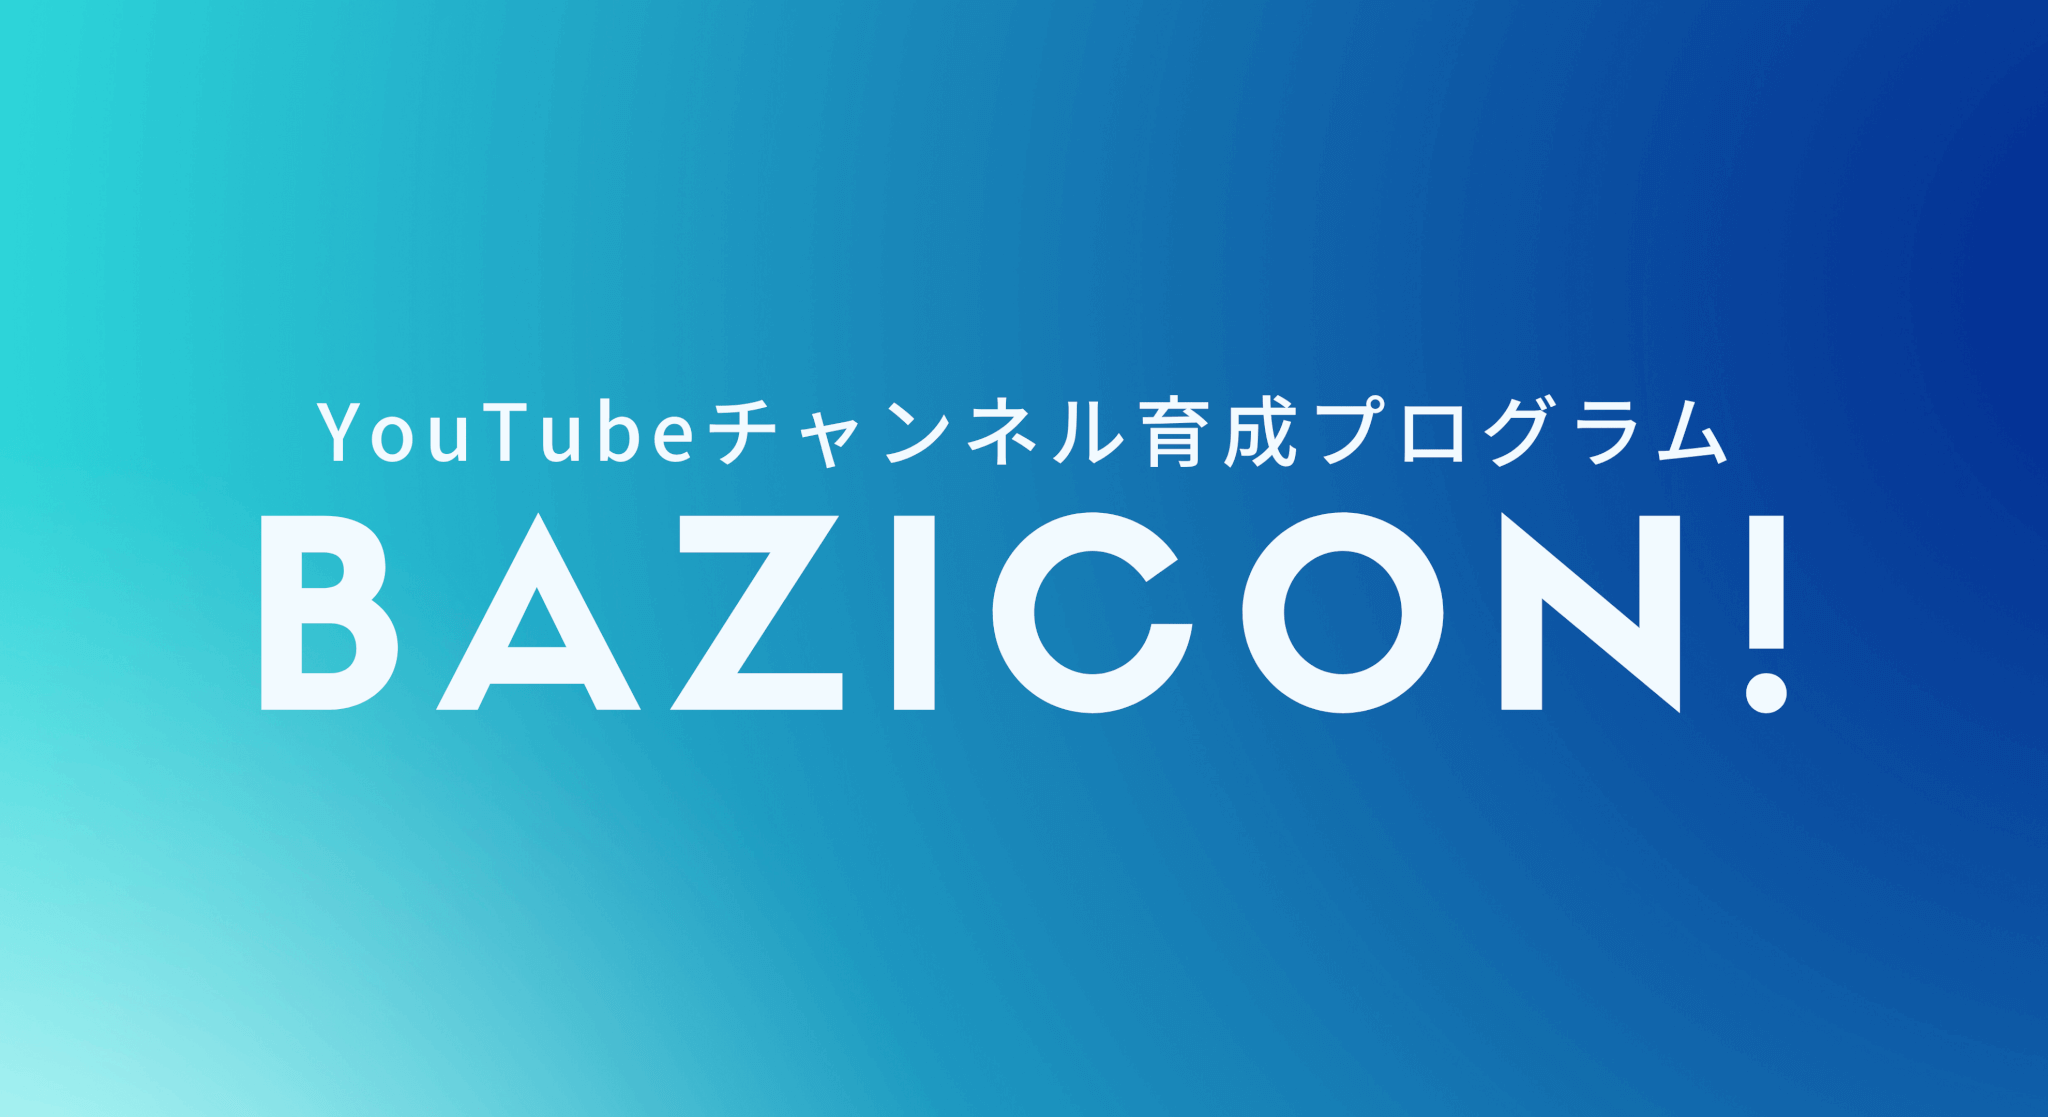 YouTubeチャンネル育成プログラムBAZICON!